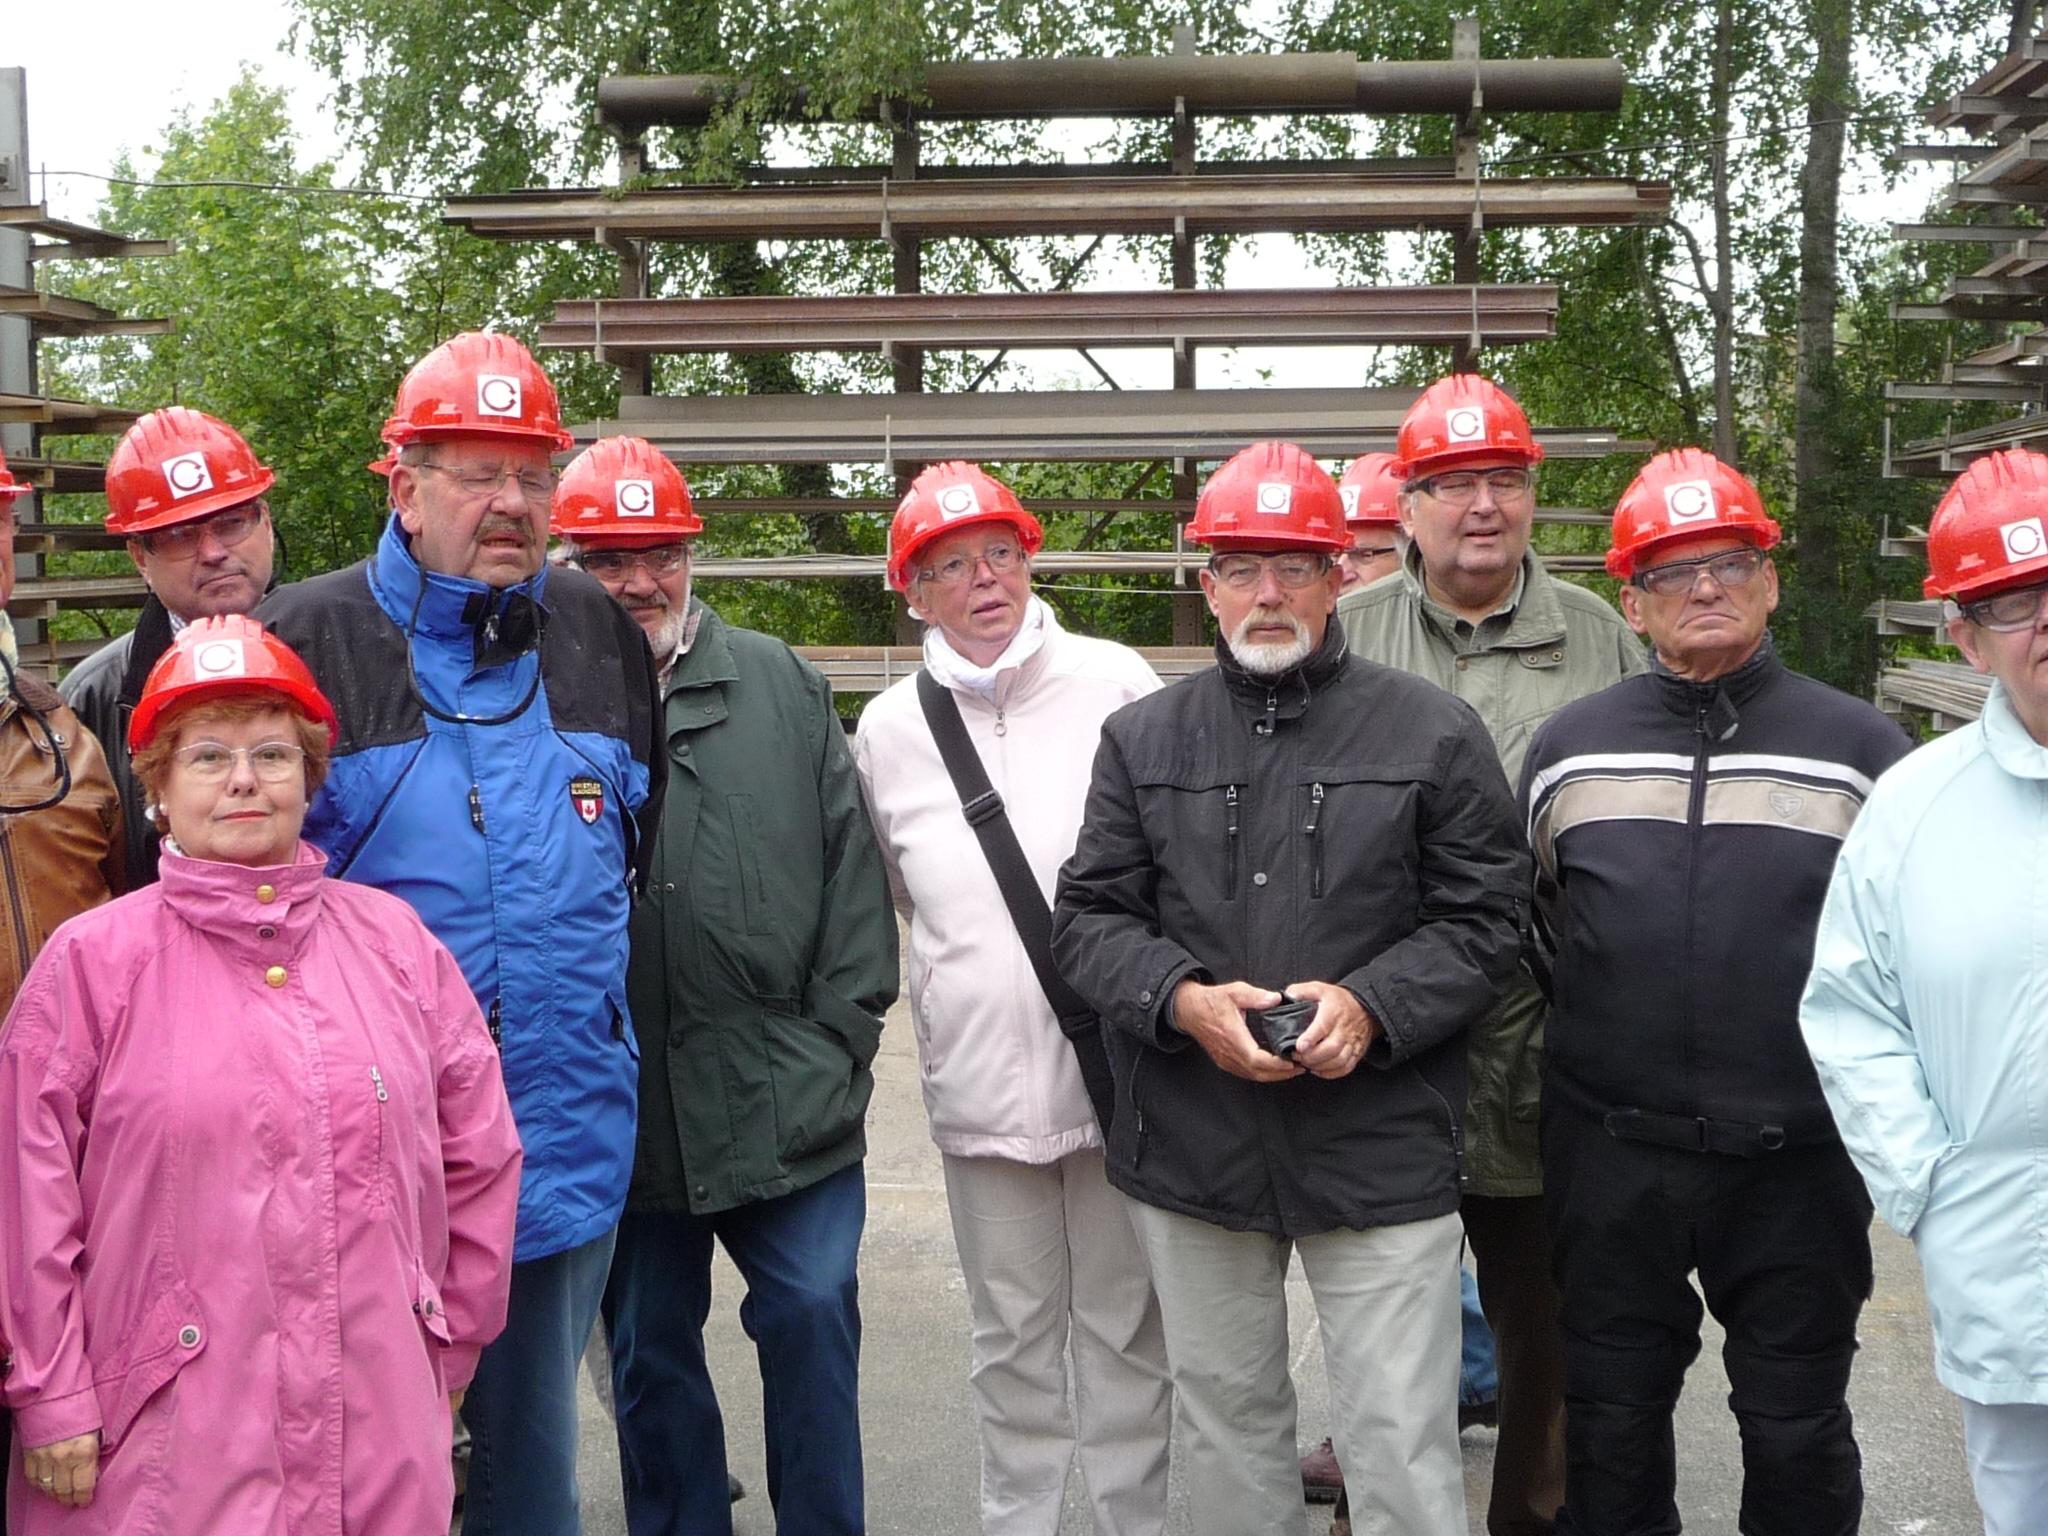 Oetelshoven 05-2011 (2)